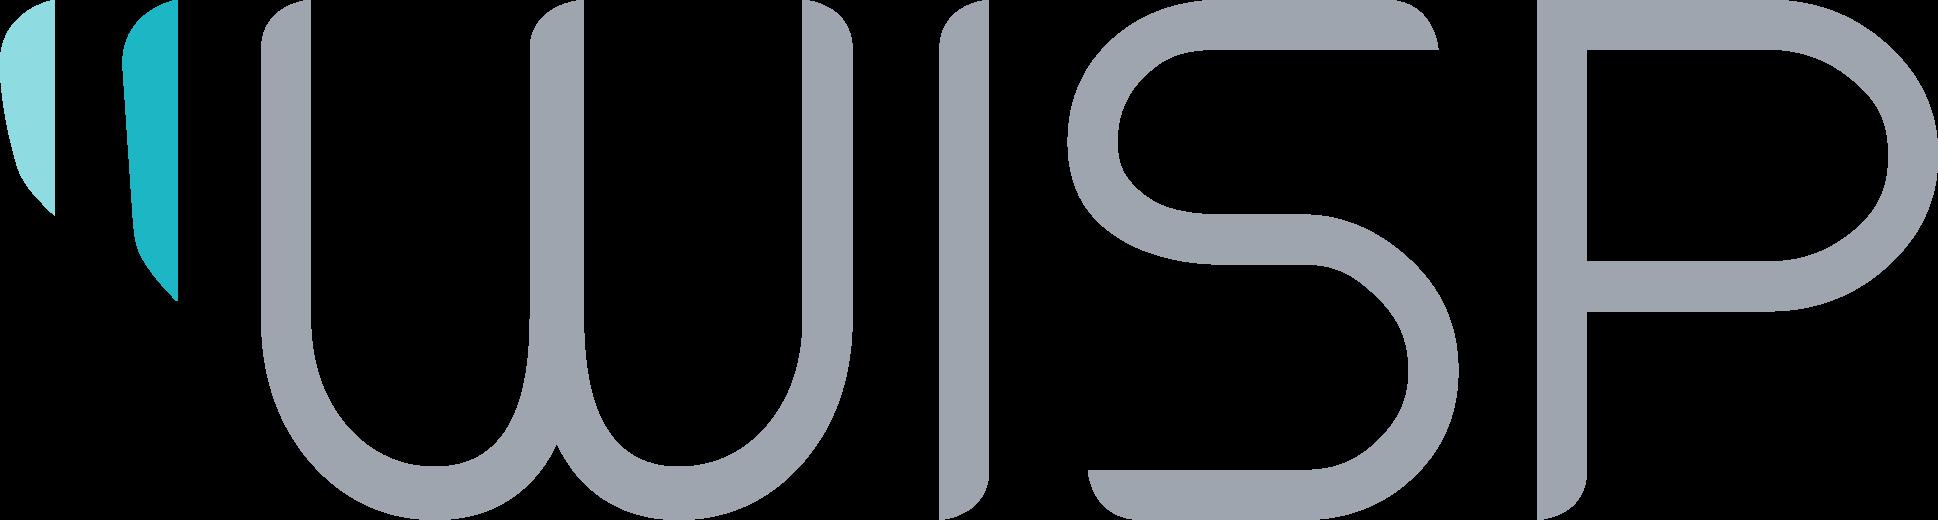 WISP-logo.png